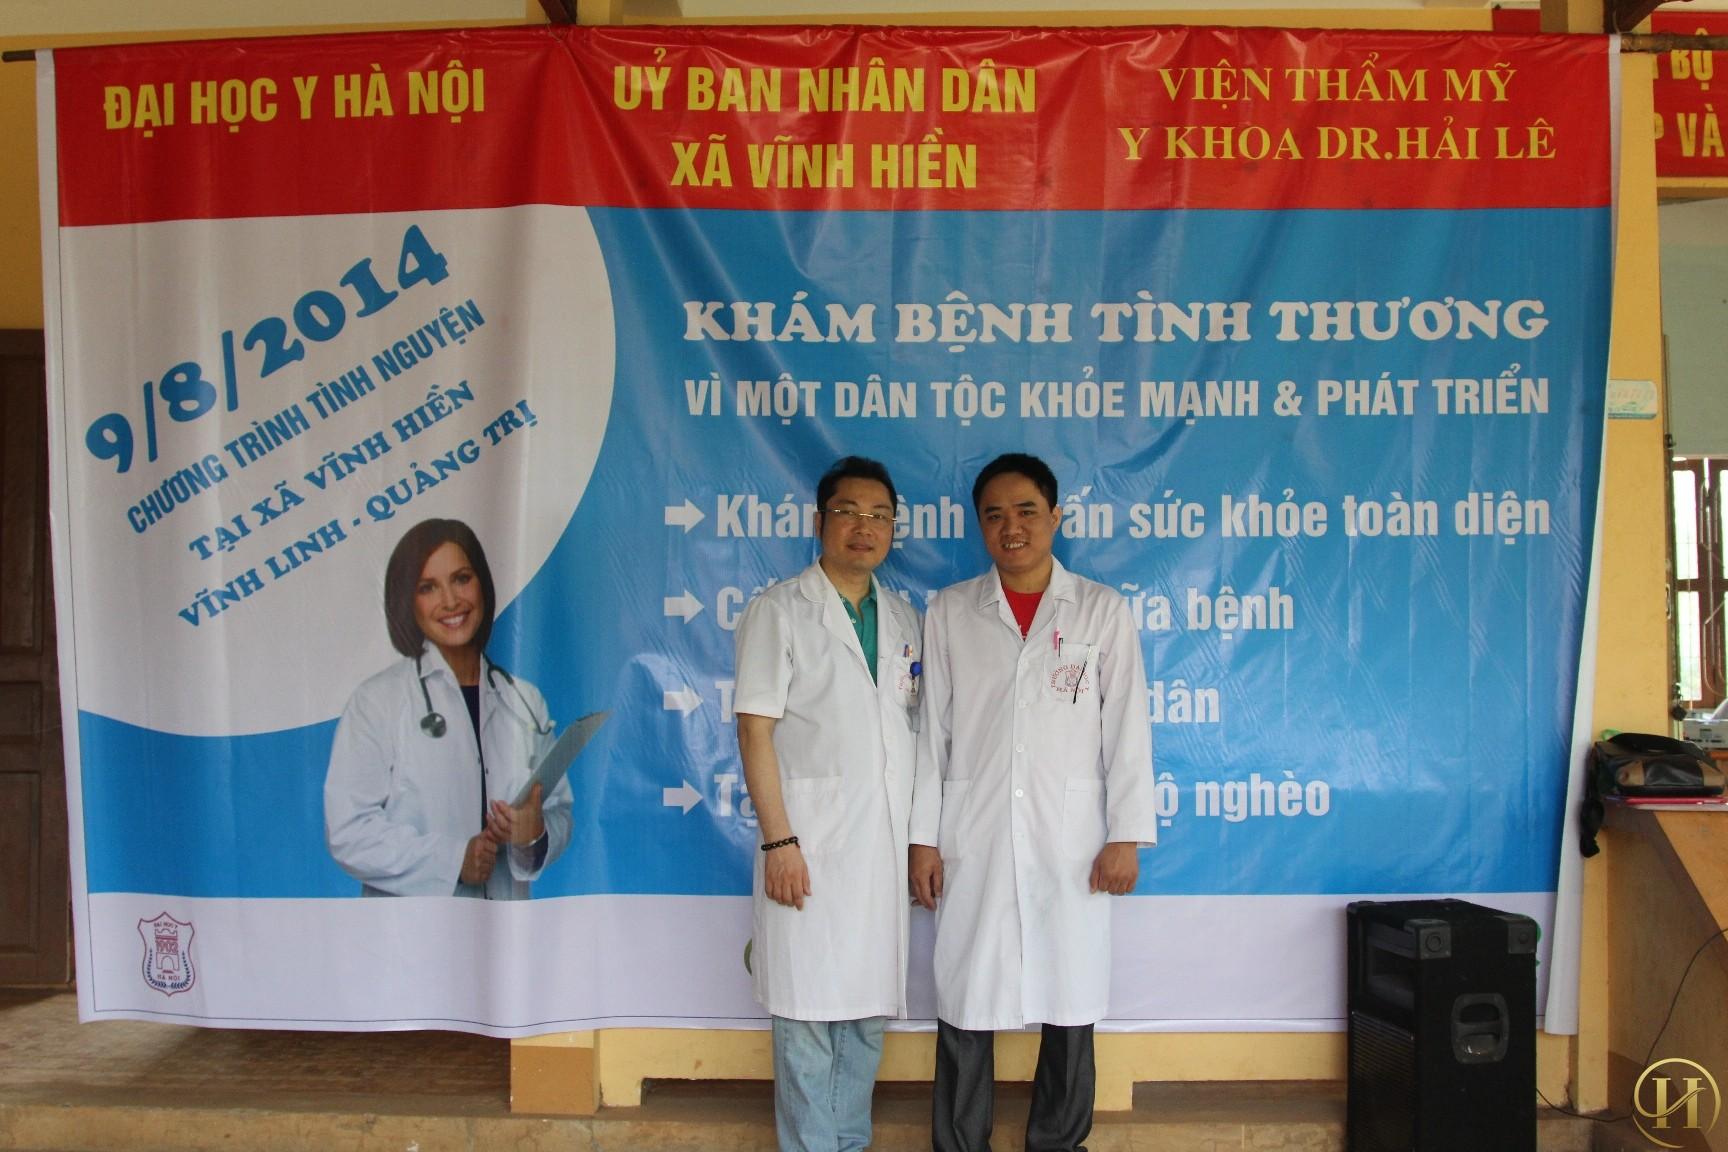 Viện Thẩm Mỹ Y Khoa Dr.Hải Lê tri ân mảnh đất linh thiêng Quảng Trị